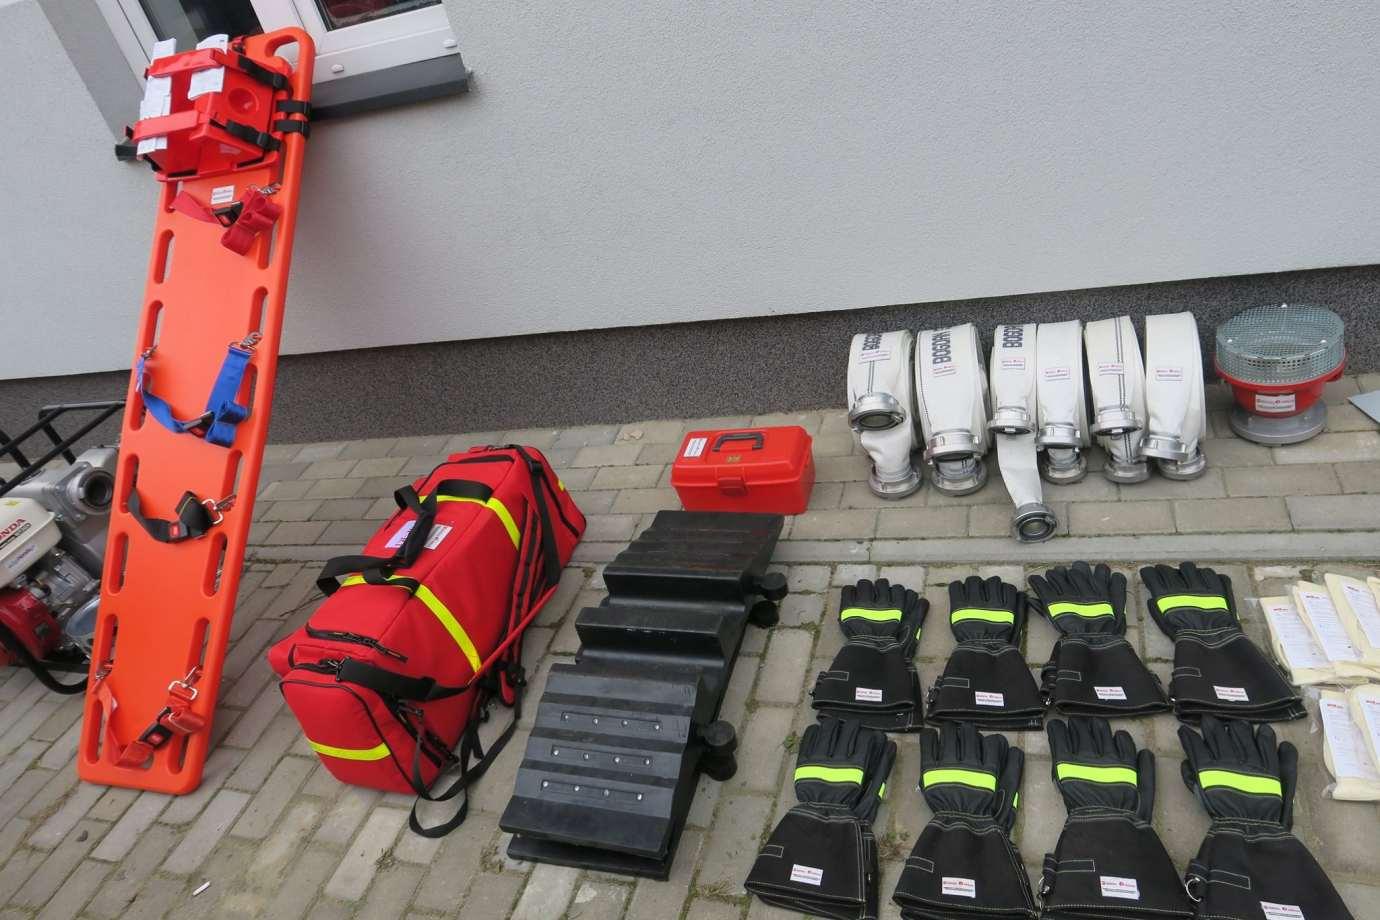 83189065 1470832326417971 3246469498764525568 o Nowy sprzęt dla strażaków z Gminy Nielisz